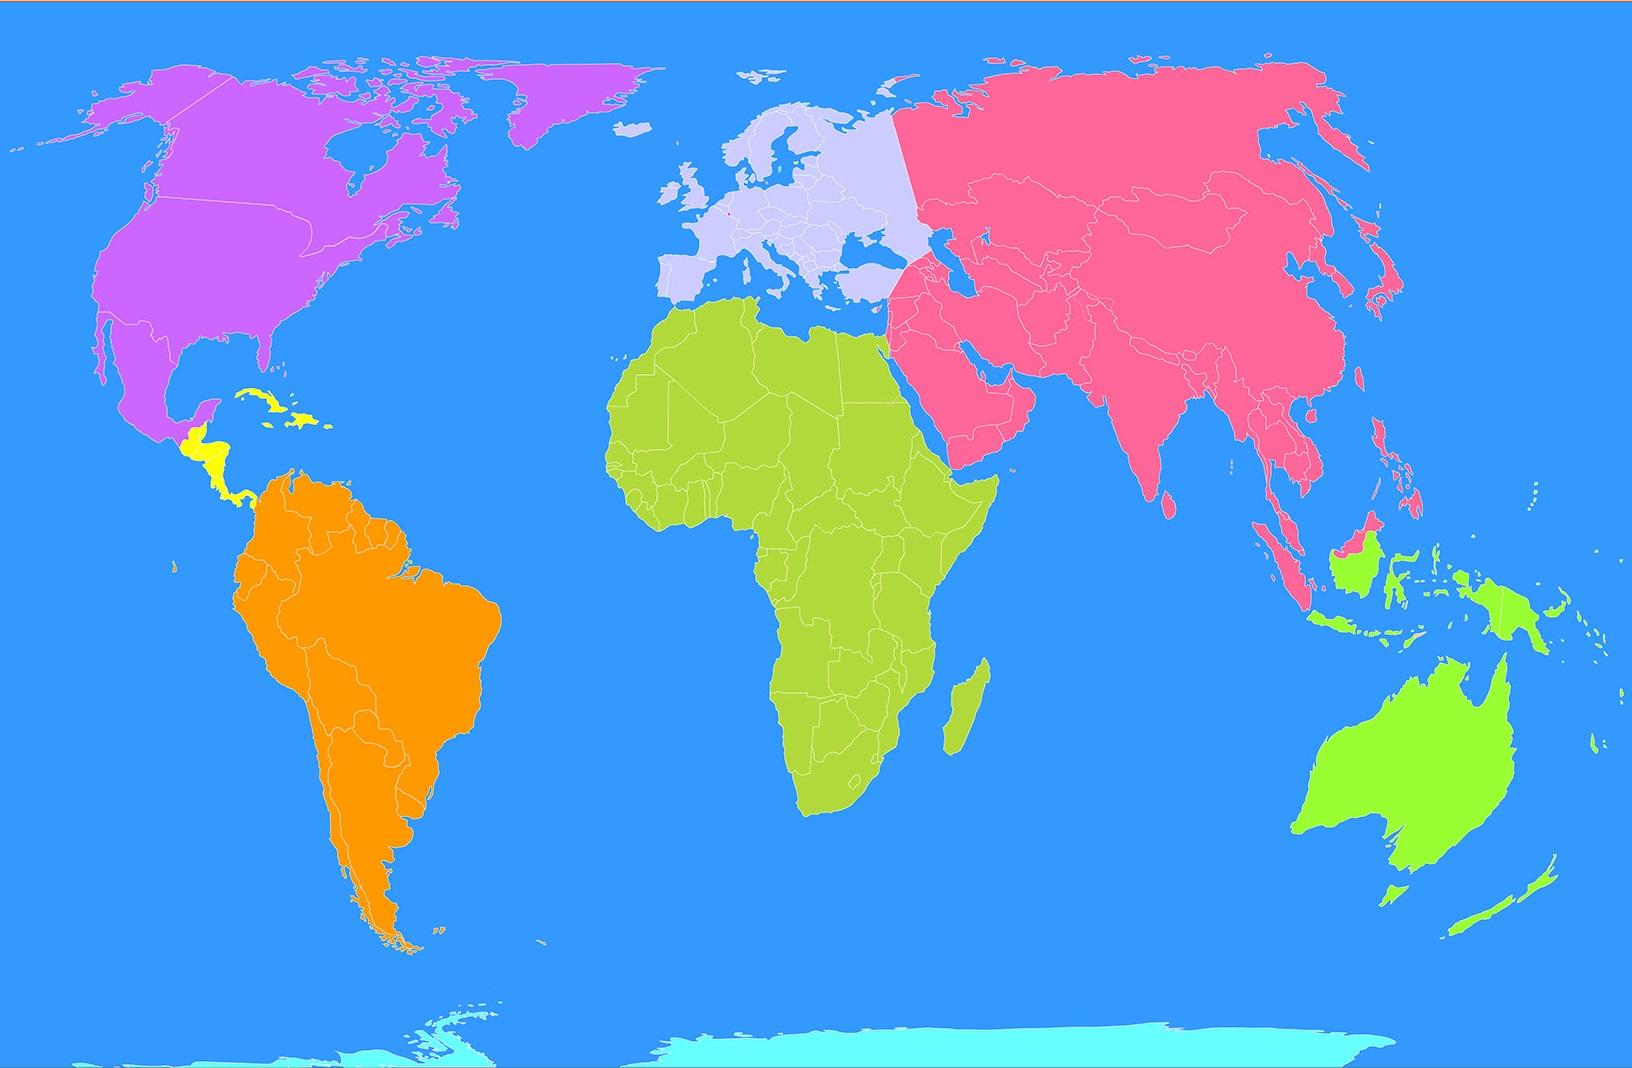 Mapa Para Jugar Dónde Está Continentes Y Océanos: Juego De Ubicación De Continentes